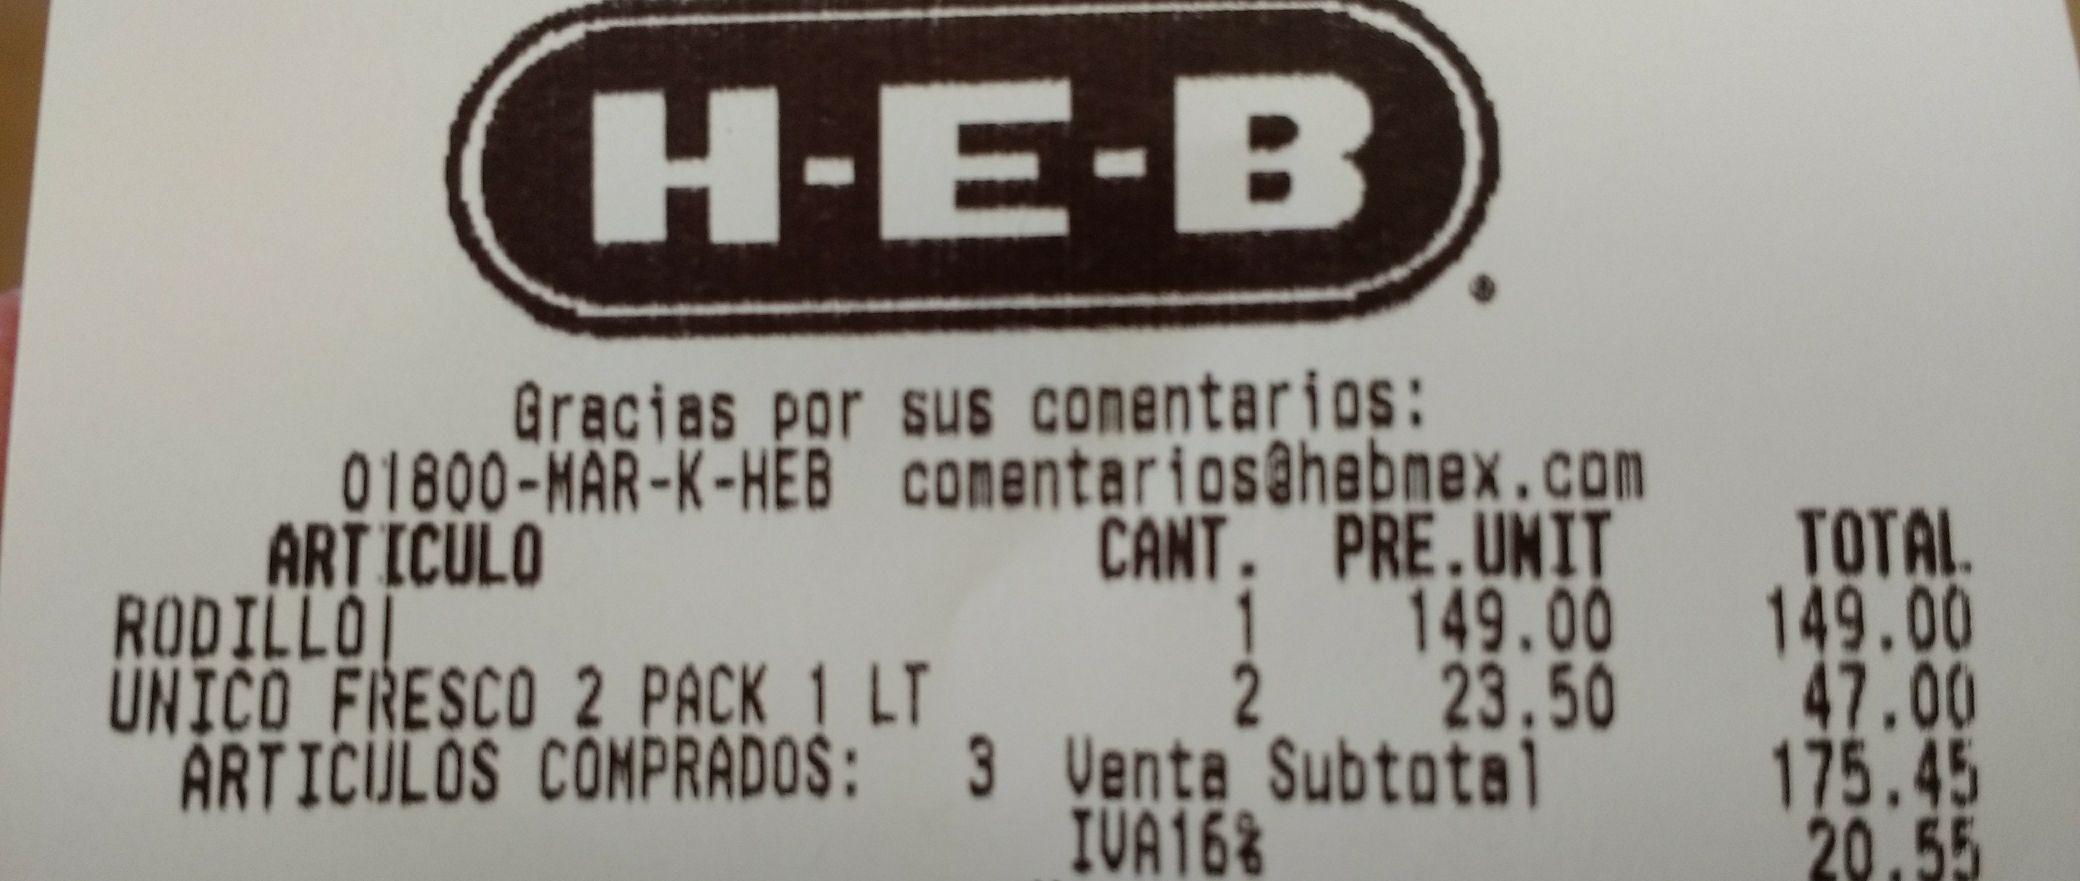 HEB León López Mateos: 2 litros de jugo de Arándano Jumex